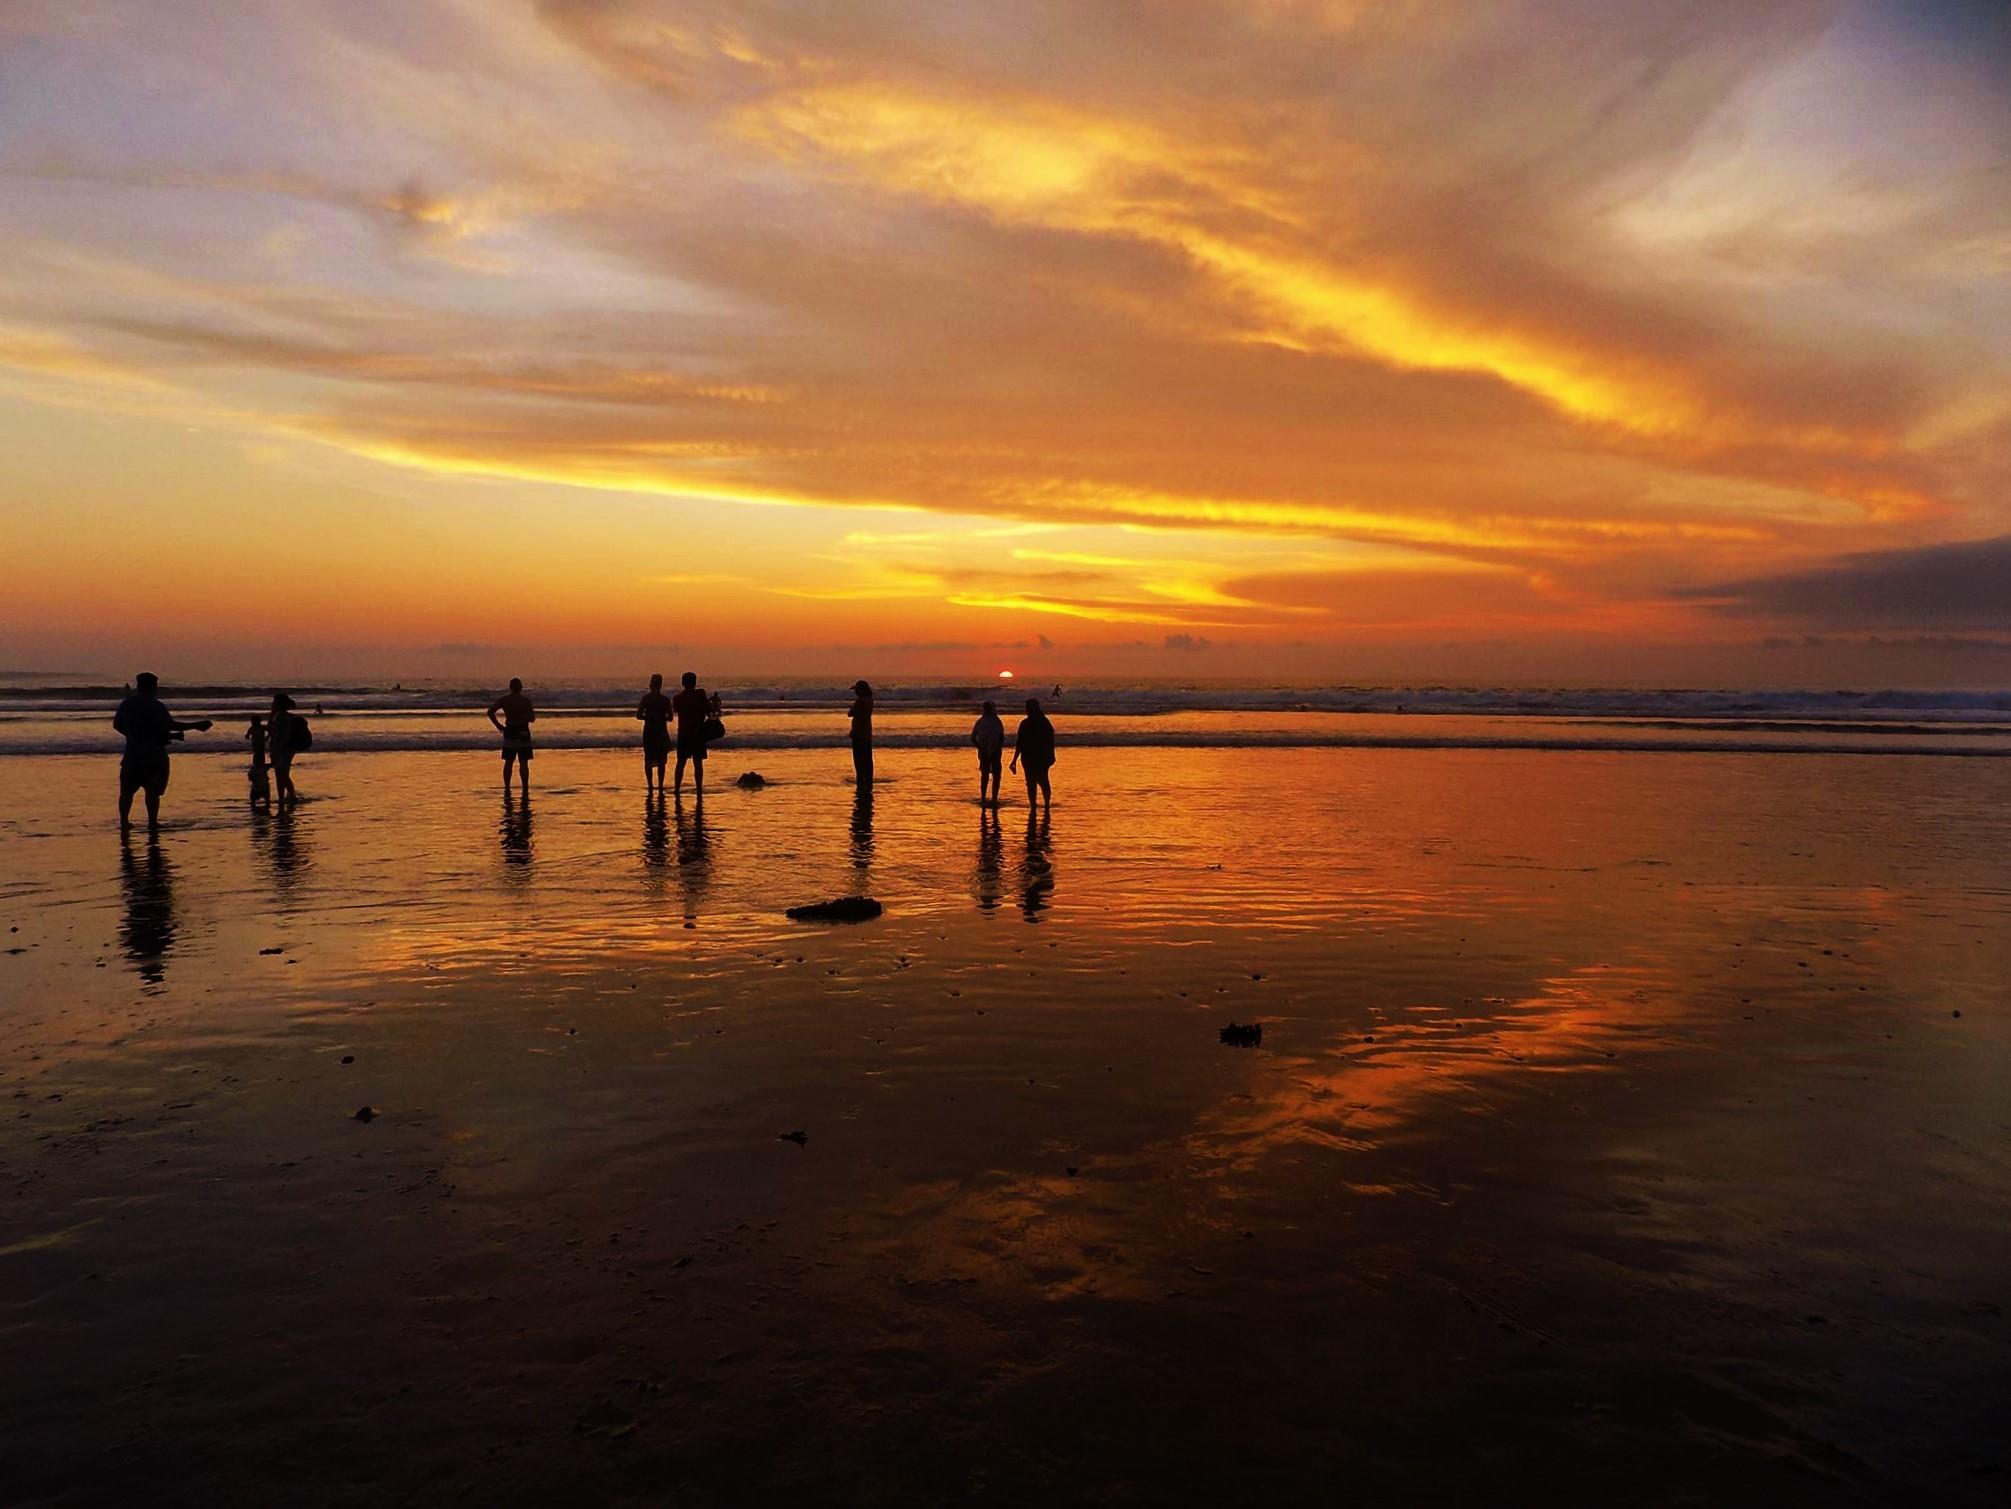 クタビーチの夕日の画像